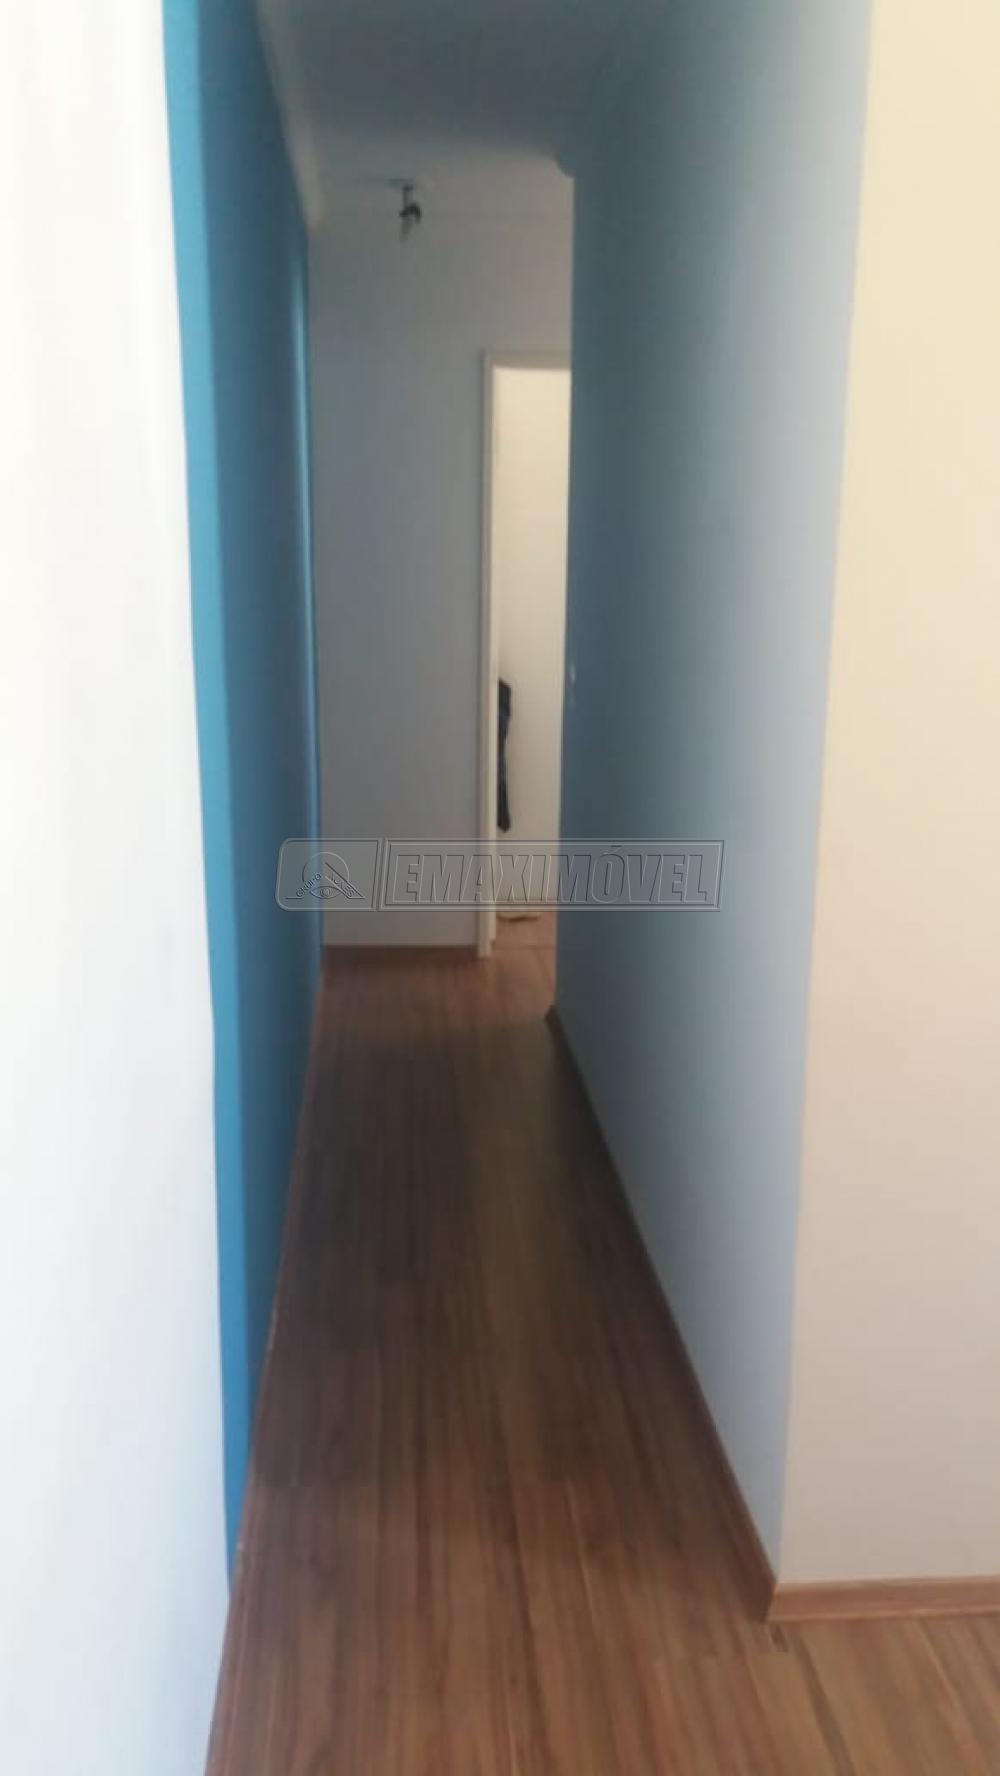 Comprar Apartamentos / Apto Padrão em Sorocaba apenas R$ 180.000,00 - Foto 7